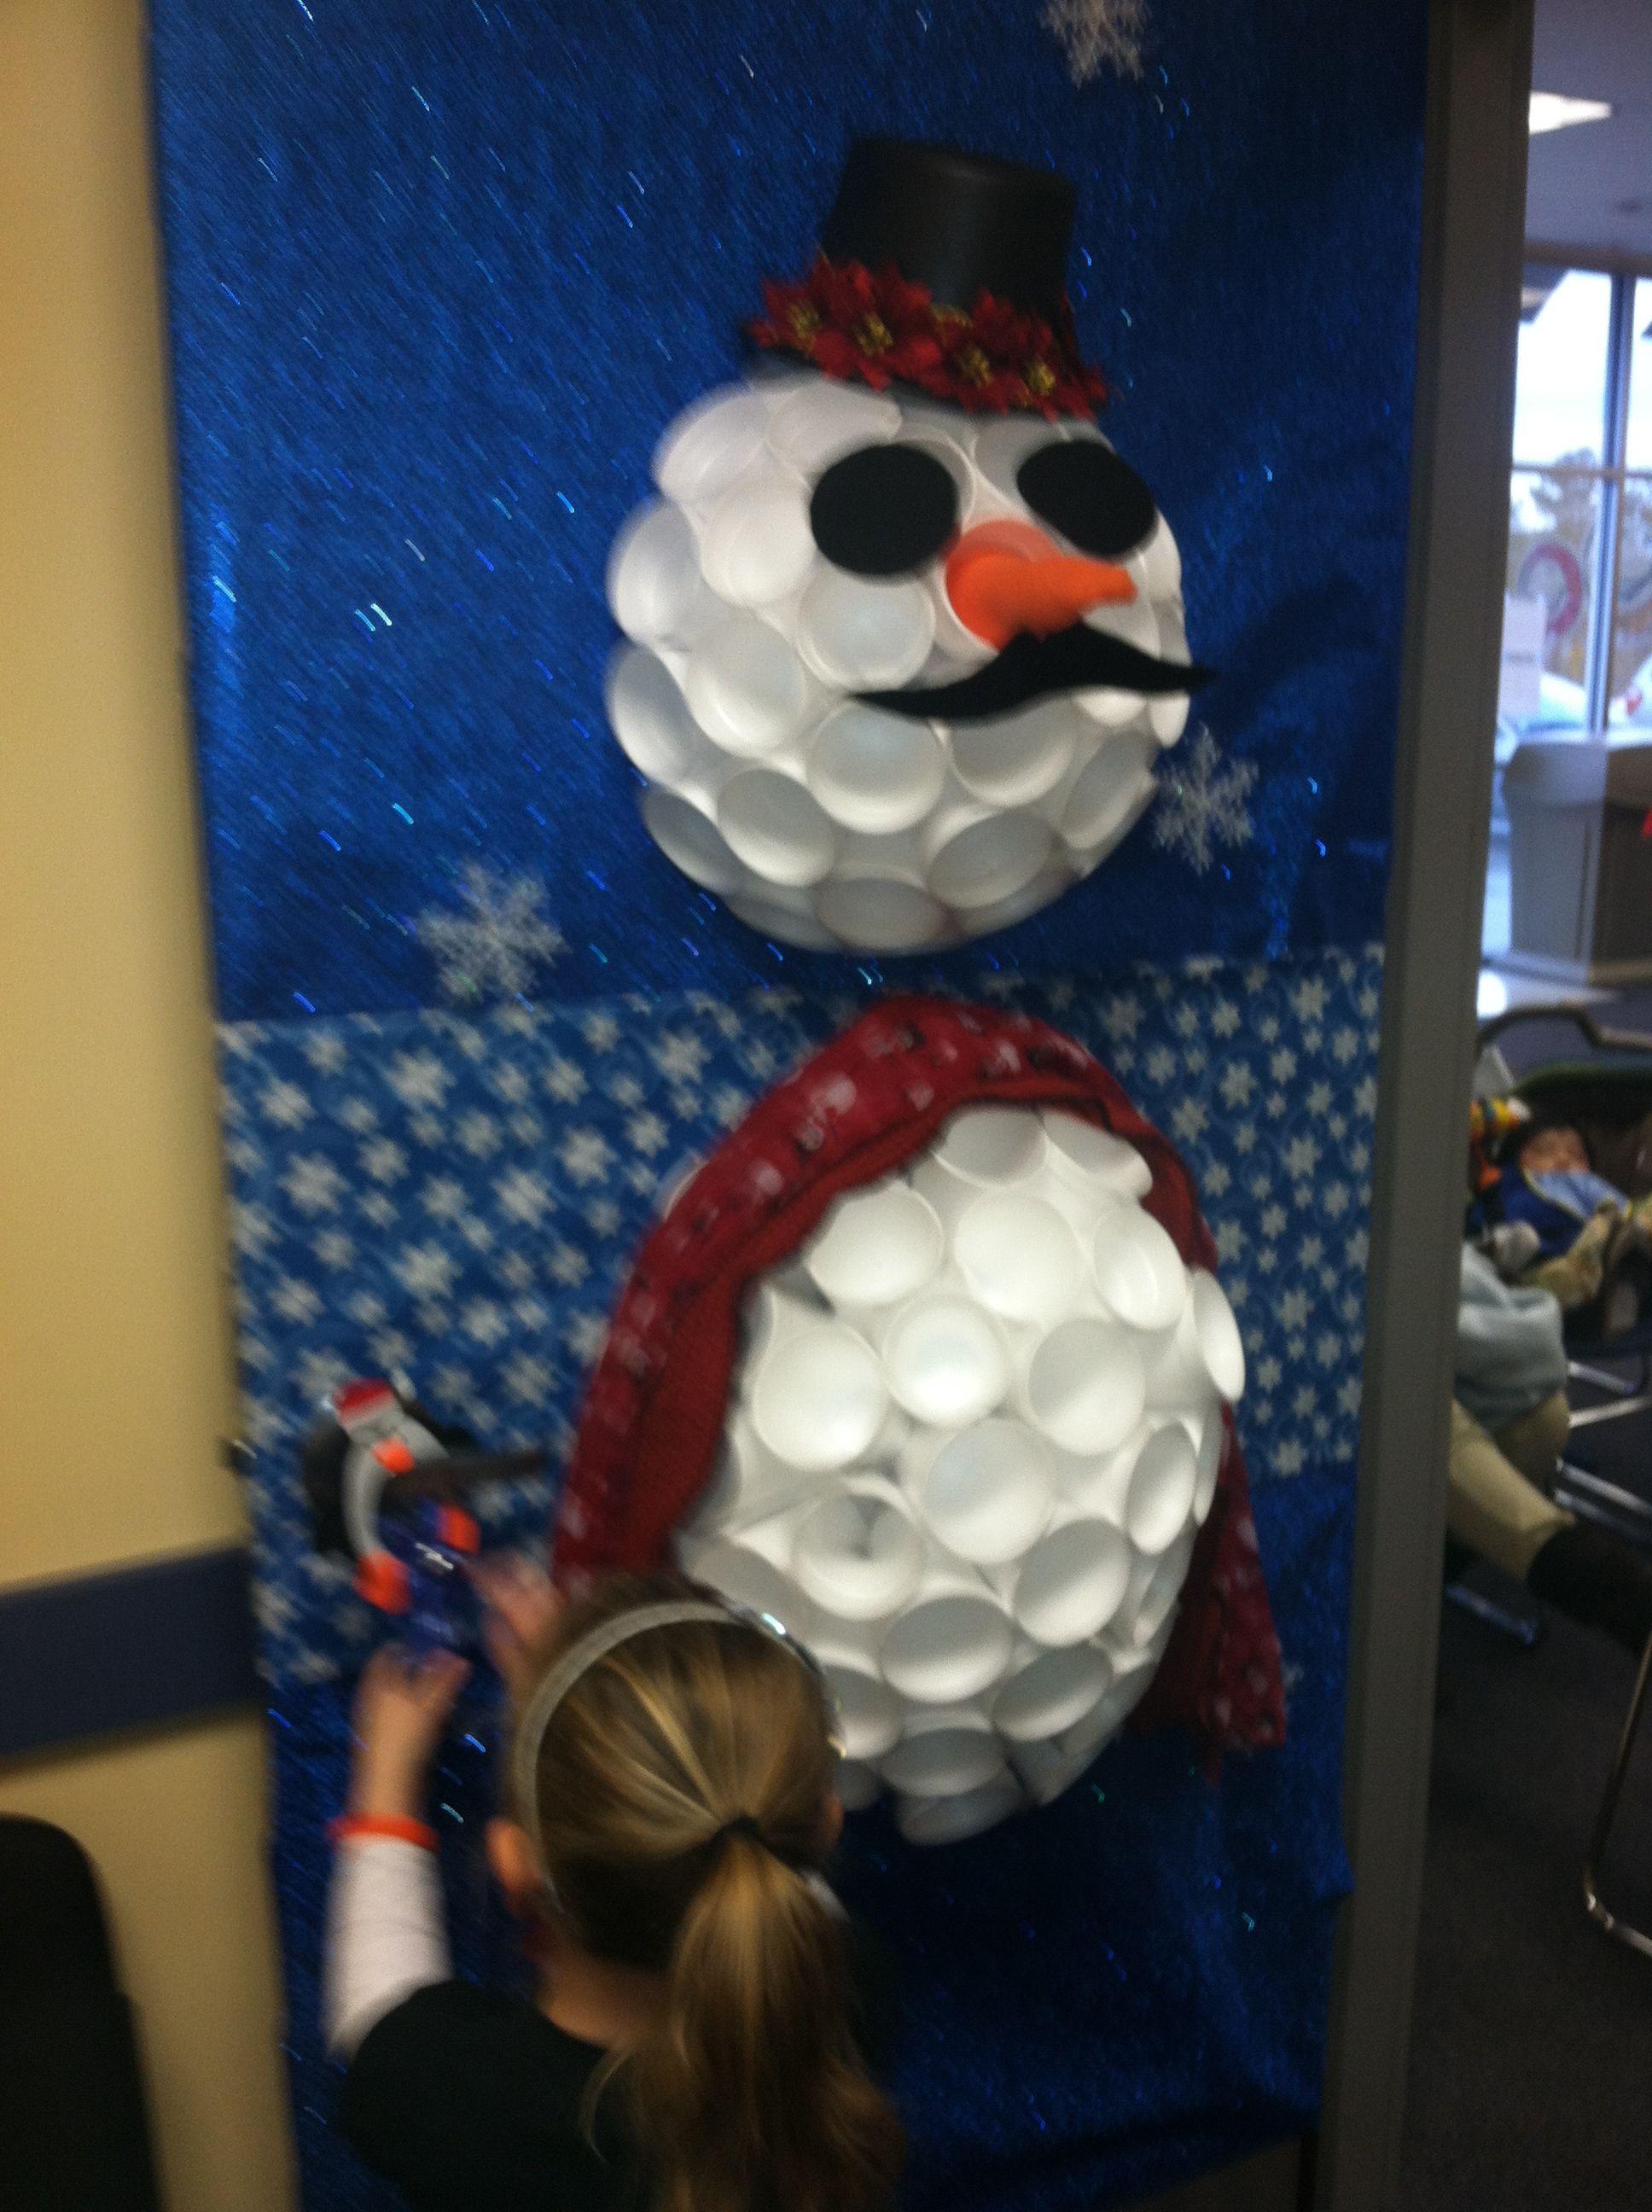 Styrofoam Snowman For The Door | www.topsimages.com